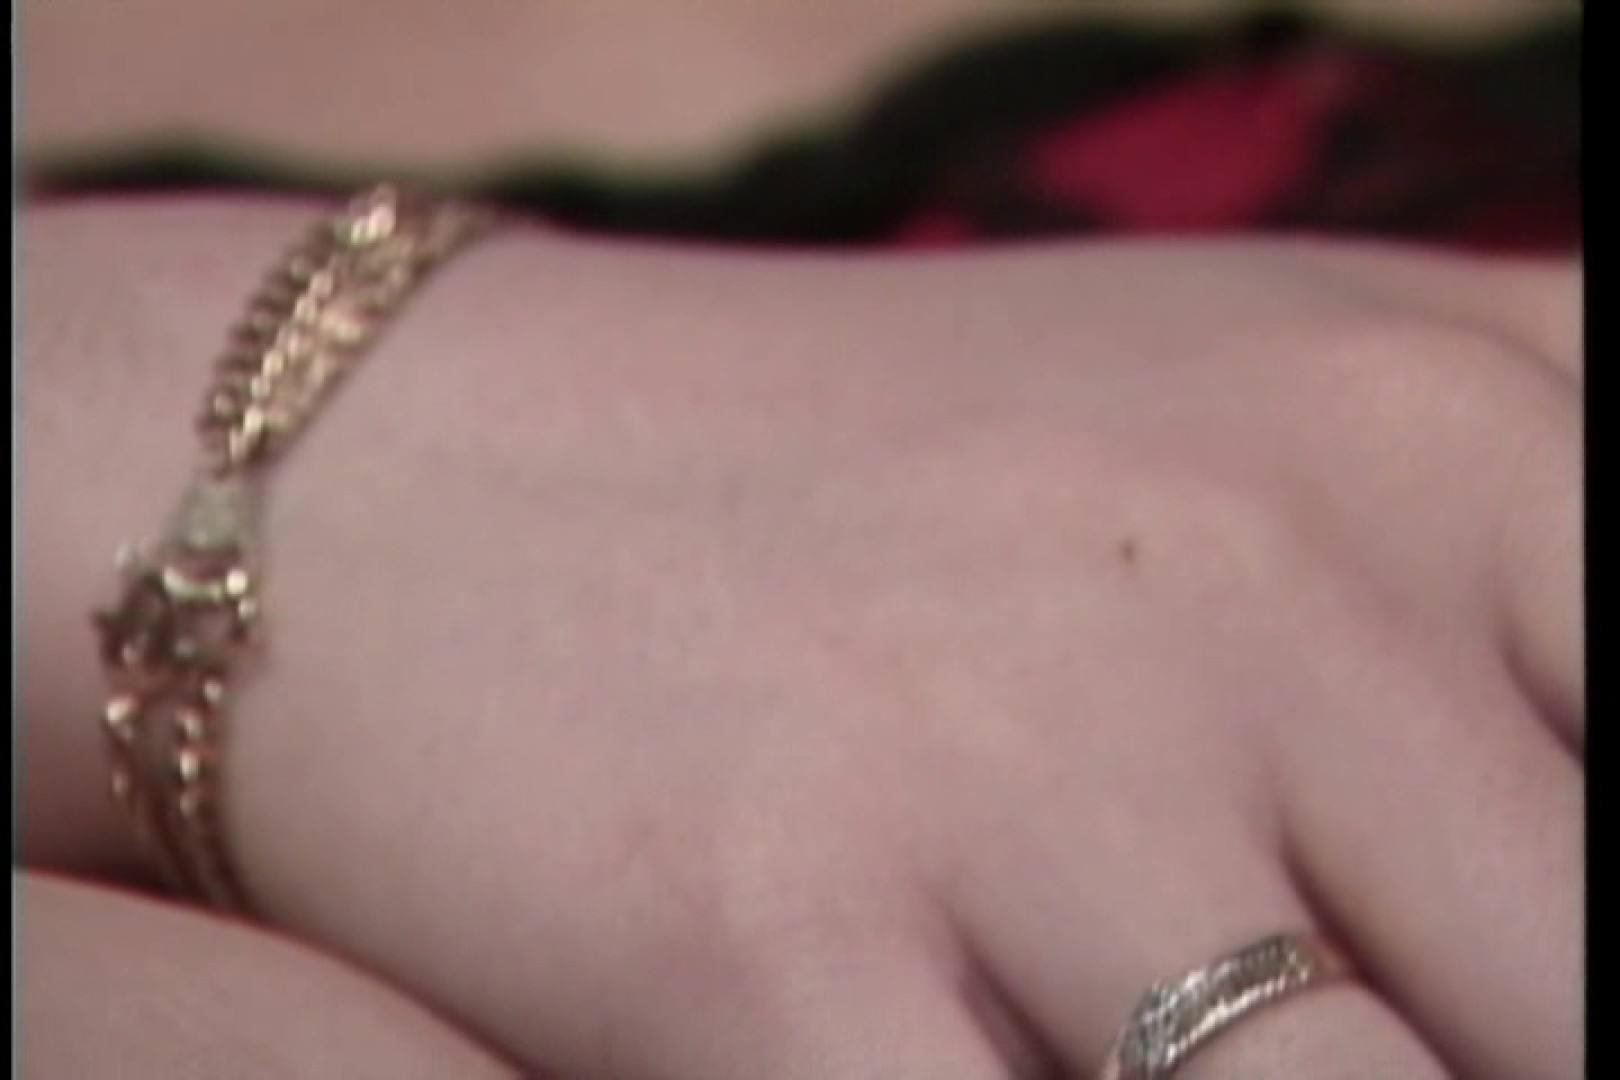 変態亜美のアブノーマルな世界・前編~夢野亜美~ オナニーDEエッチ エロ画像 70PIX 46